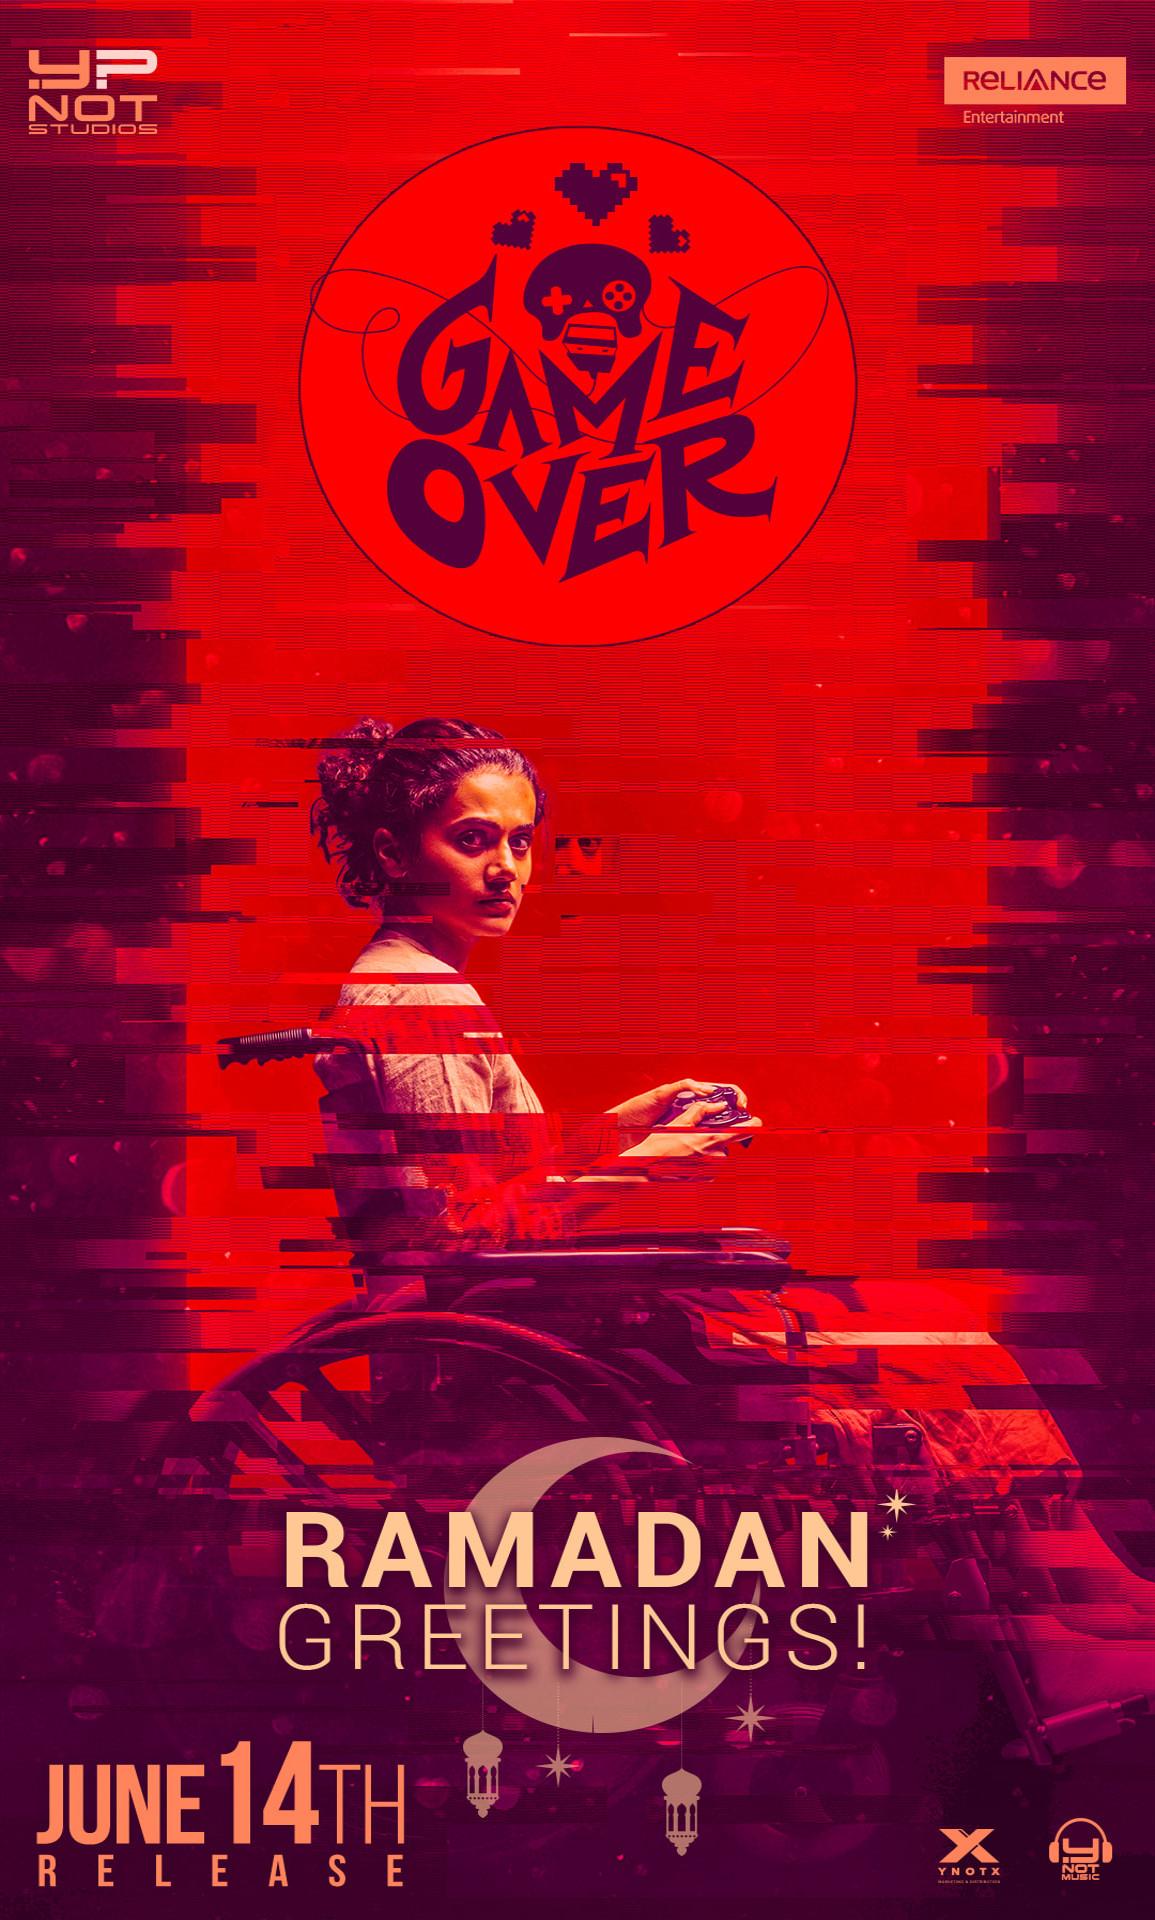 """Taapsee Pannu """"Game Over"""" Releasing in 1200 Screens Worldwide in Telugu, Tamil & Hindi on June 14 2019"""